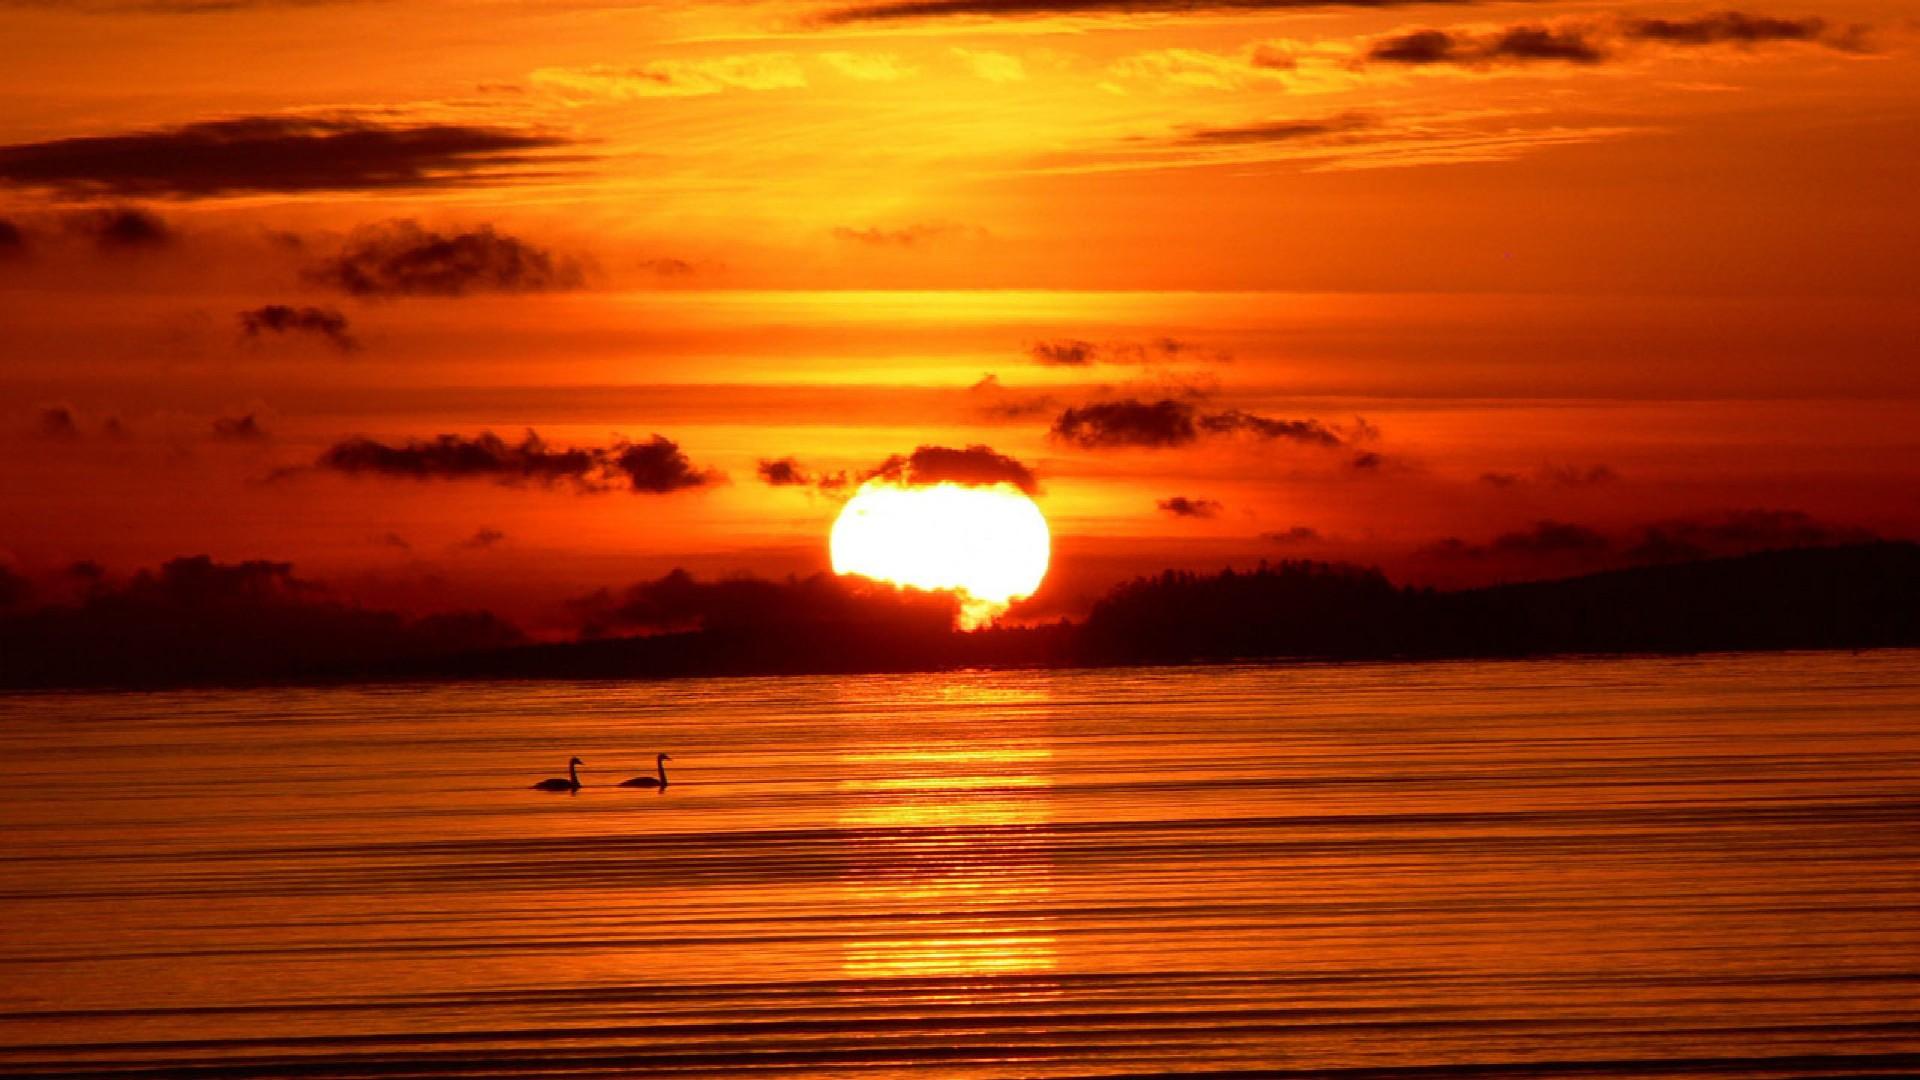 海边日落晚霞高清桌面壁纸